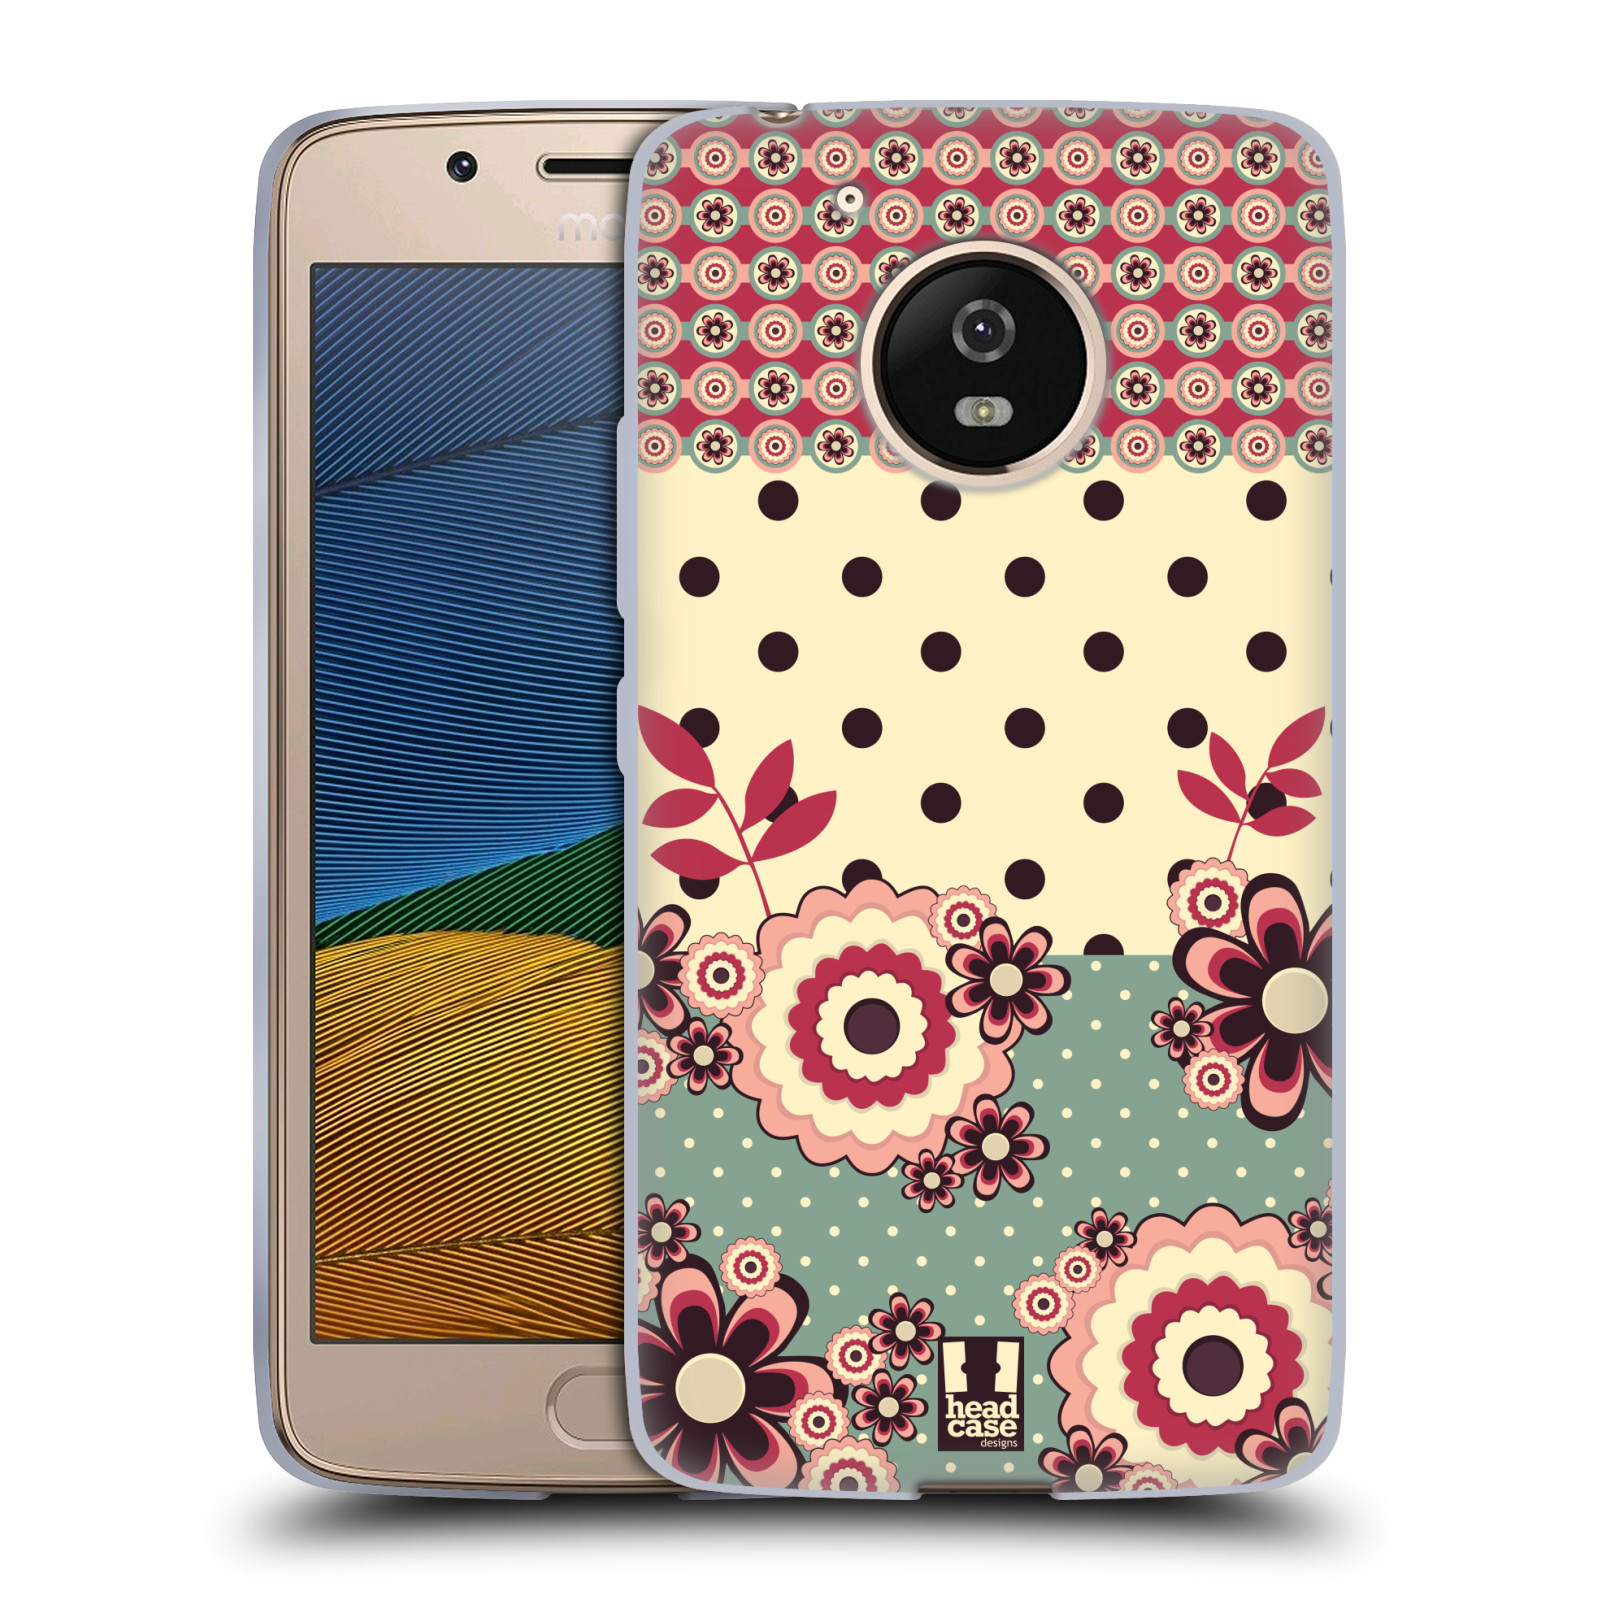 Silikonové pouzdro na mobil Lenovo Moto G5 - Head Case KVÍTKA PINK CREAM (Silikonový kryt či obal na mobilní telefon Lenovo Moto G5)